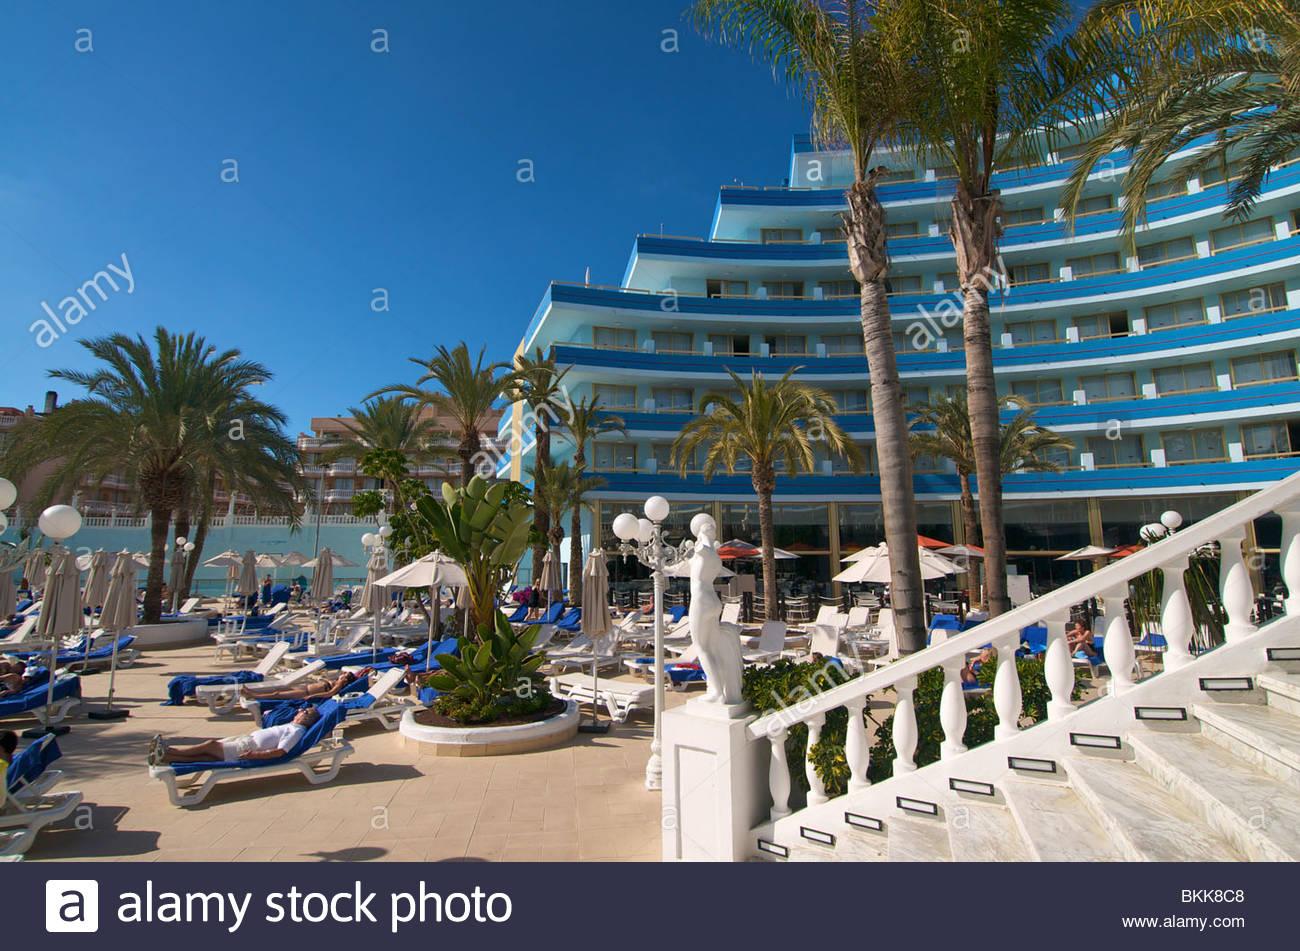 Hotel De Las Americas Mediterranean Palace Hotel Playa De Las Americas Tenerife Canary